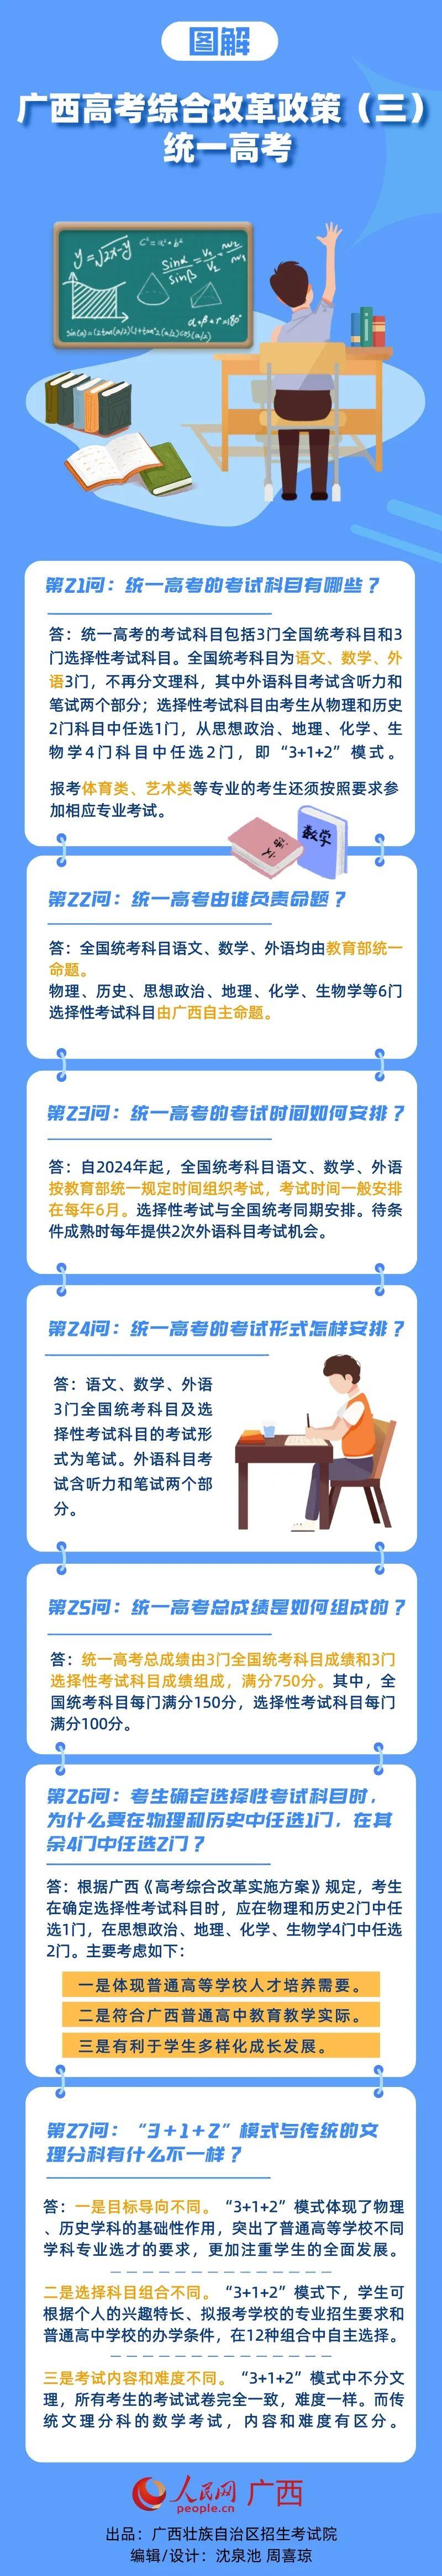 广西:高考综合改革政策图解图3